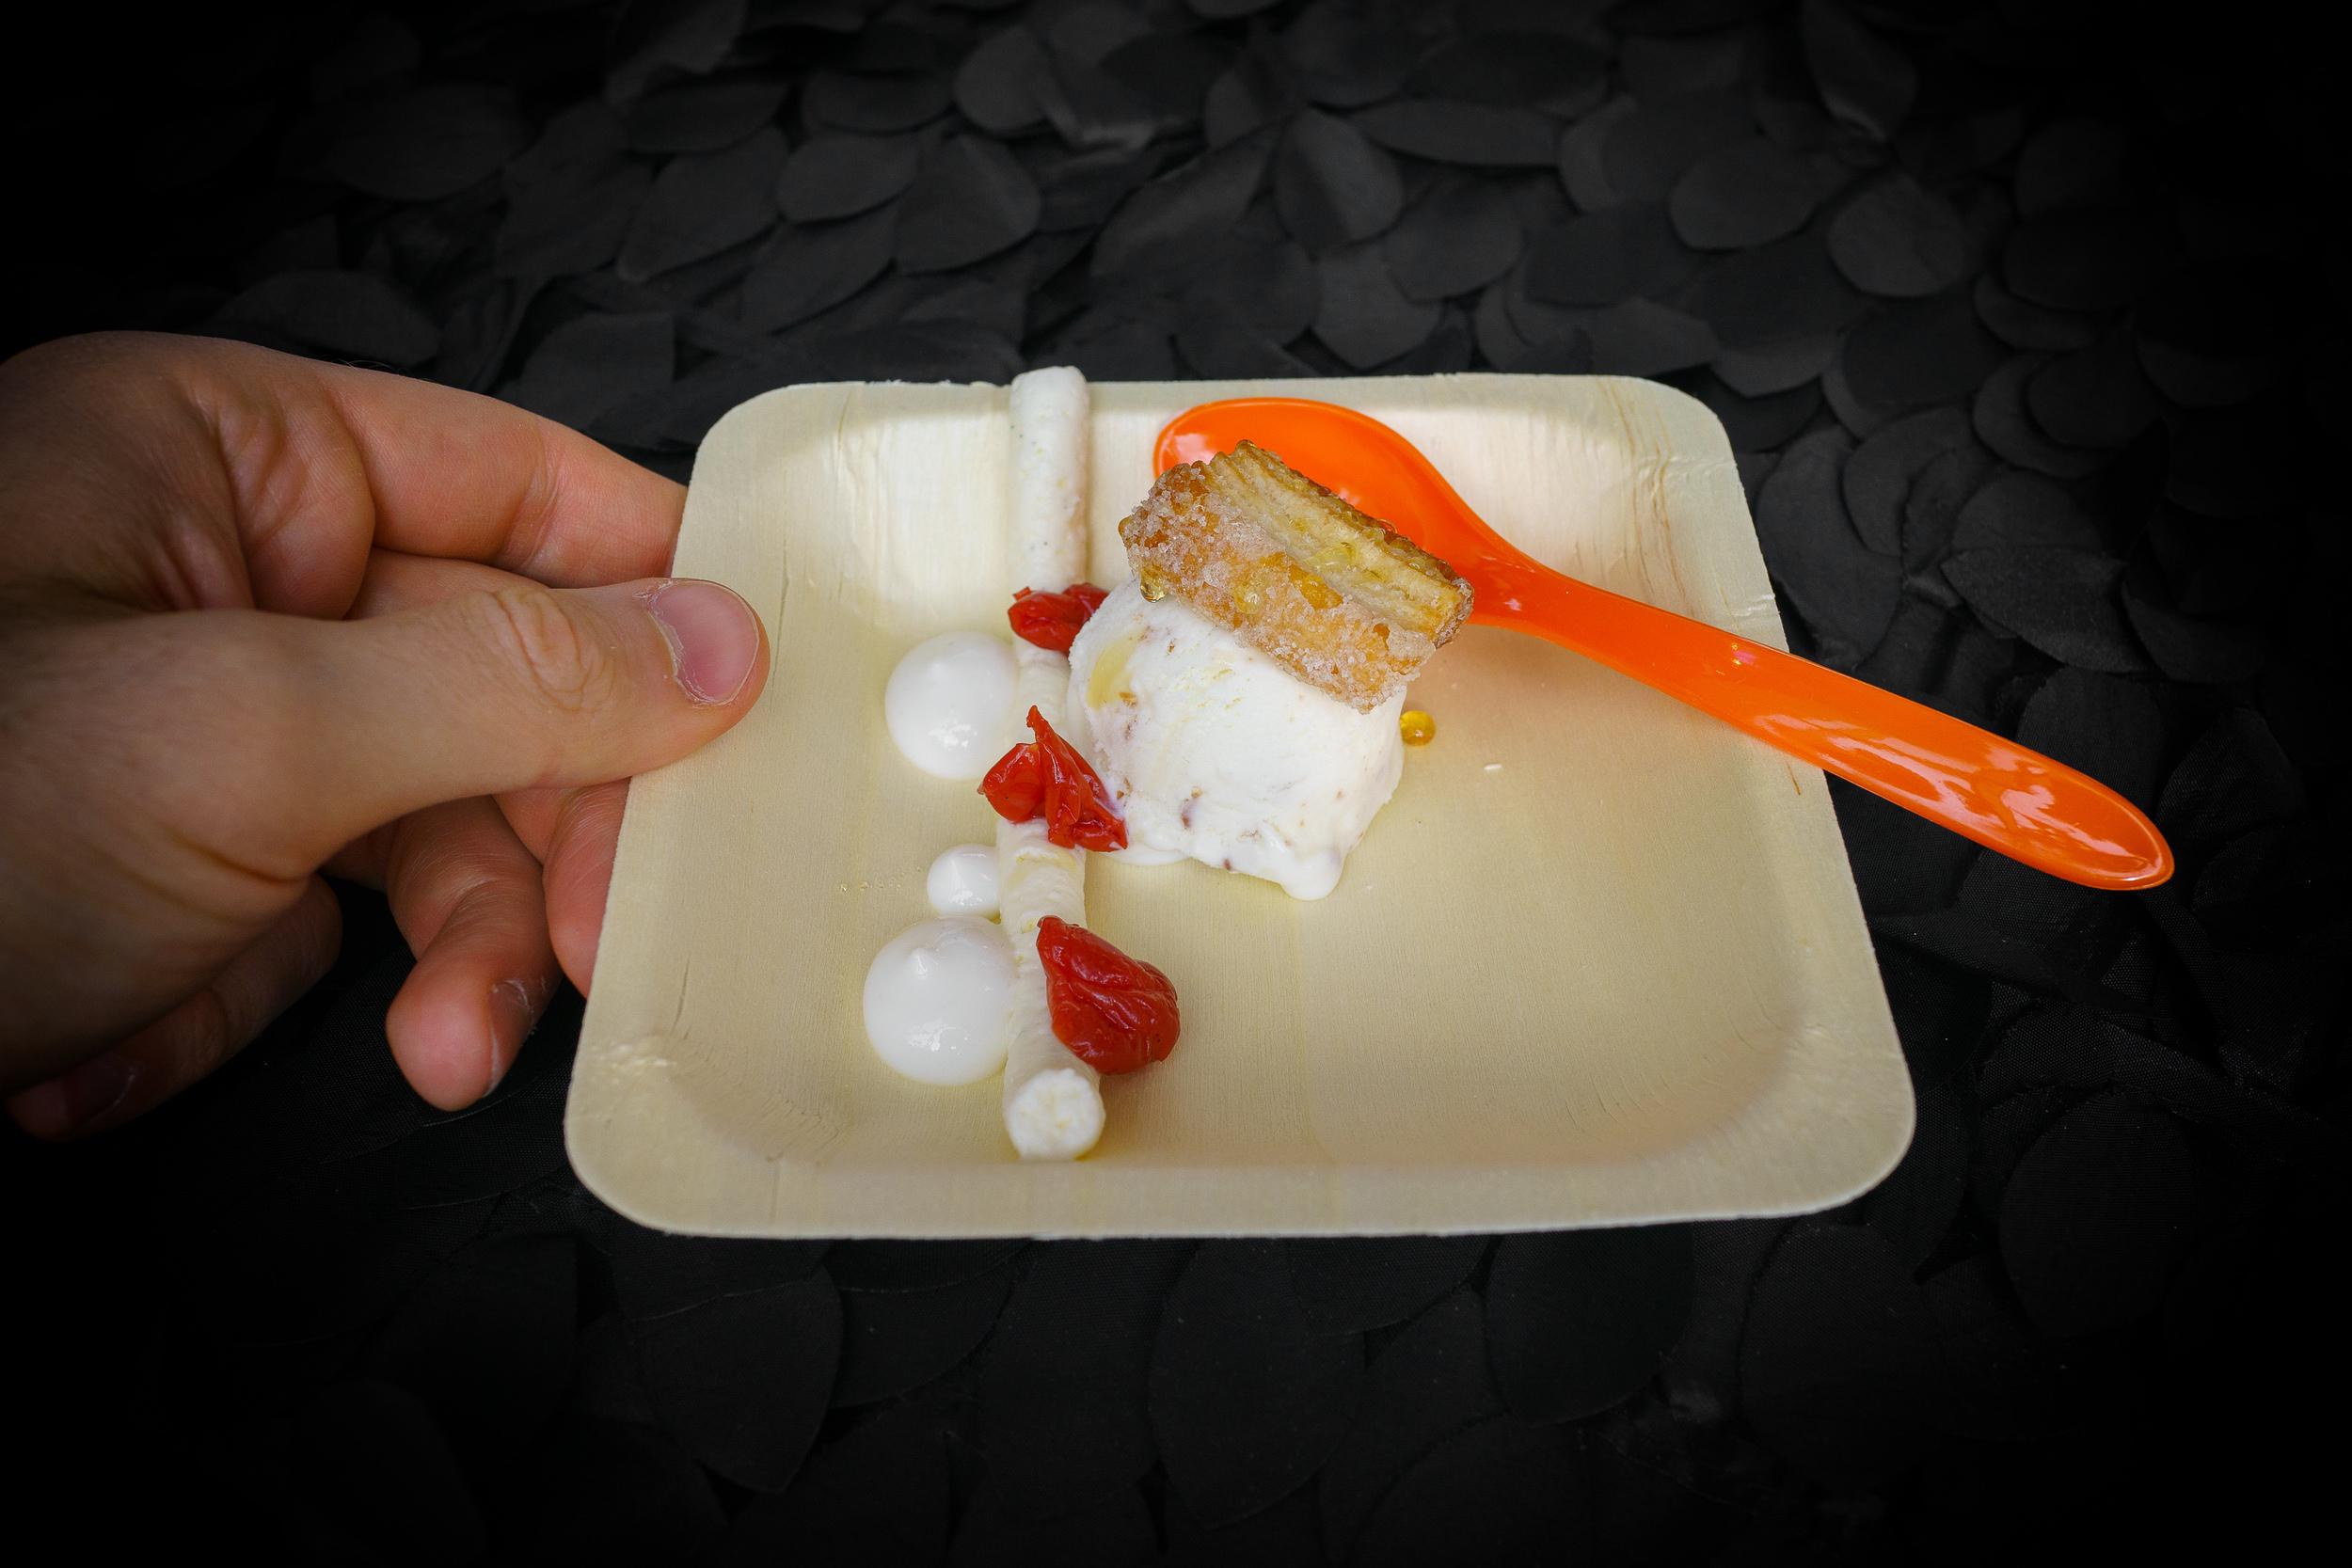 Cloud 10 Creamery - Goat cheese idea cream, put pastry, yogurt, pickled cherries, local honey, whipped cream